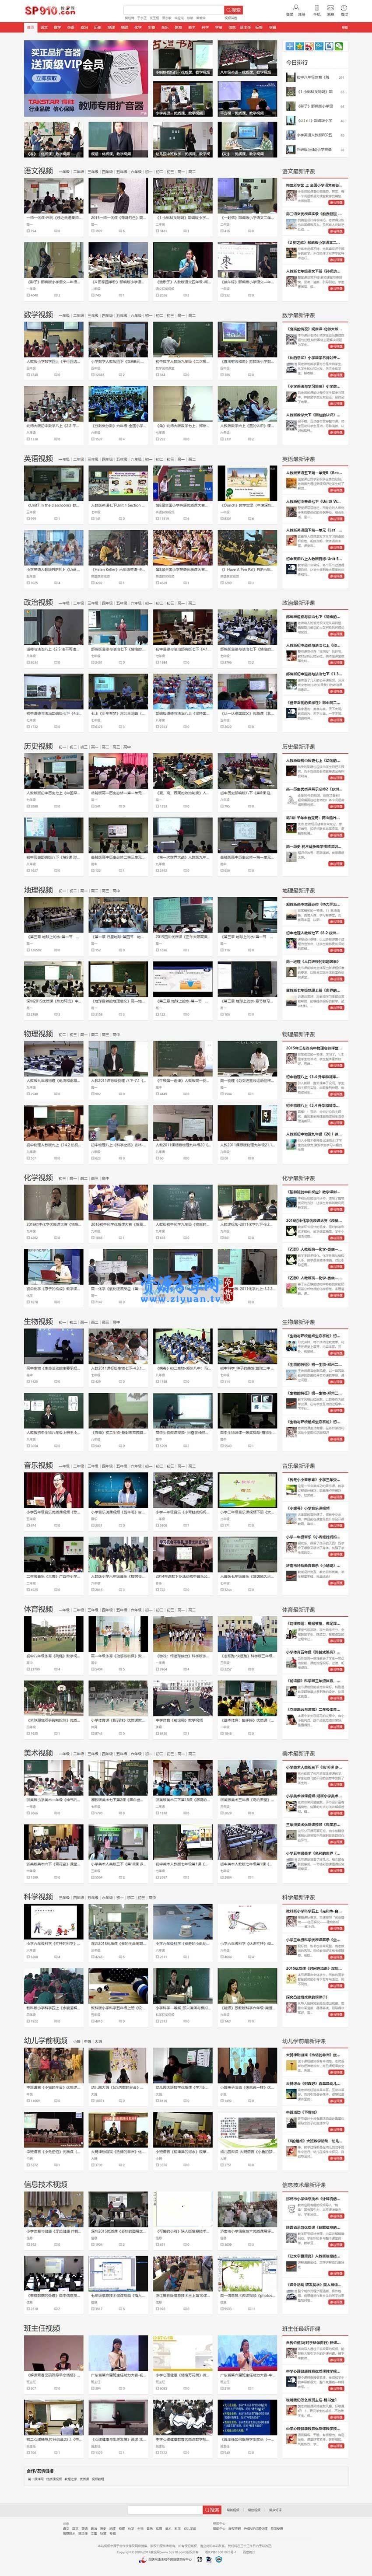 帝国 CMS《教视网》在线教学视频网站模板整站源码